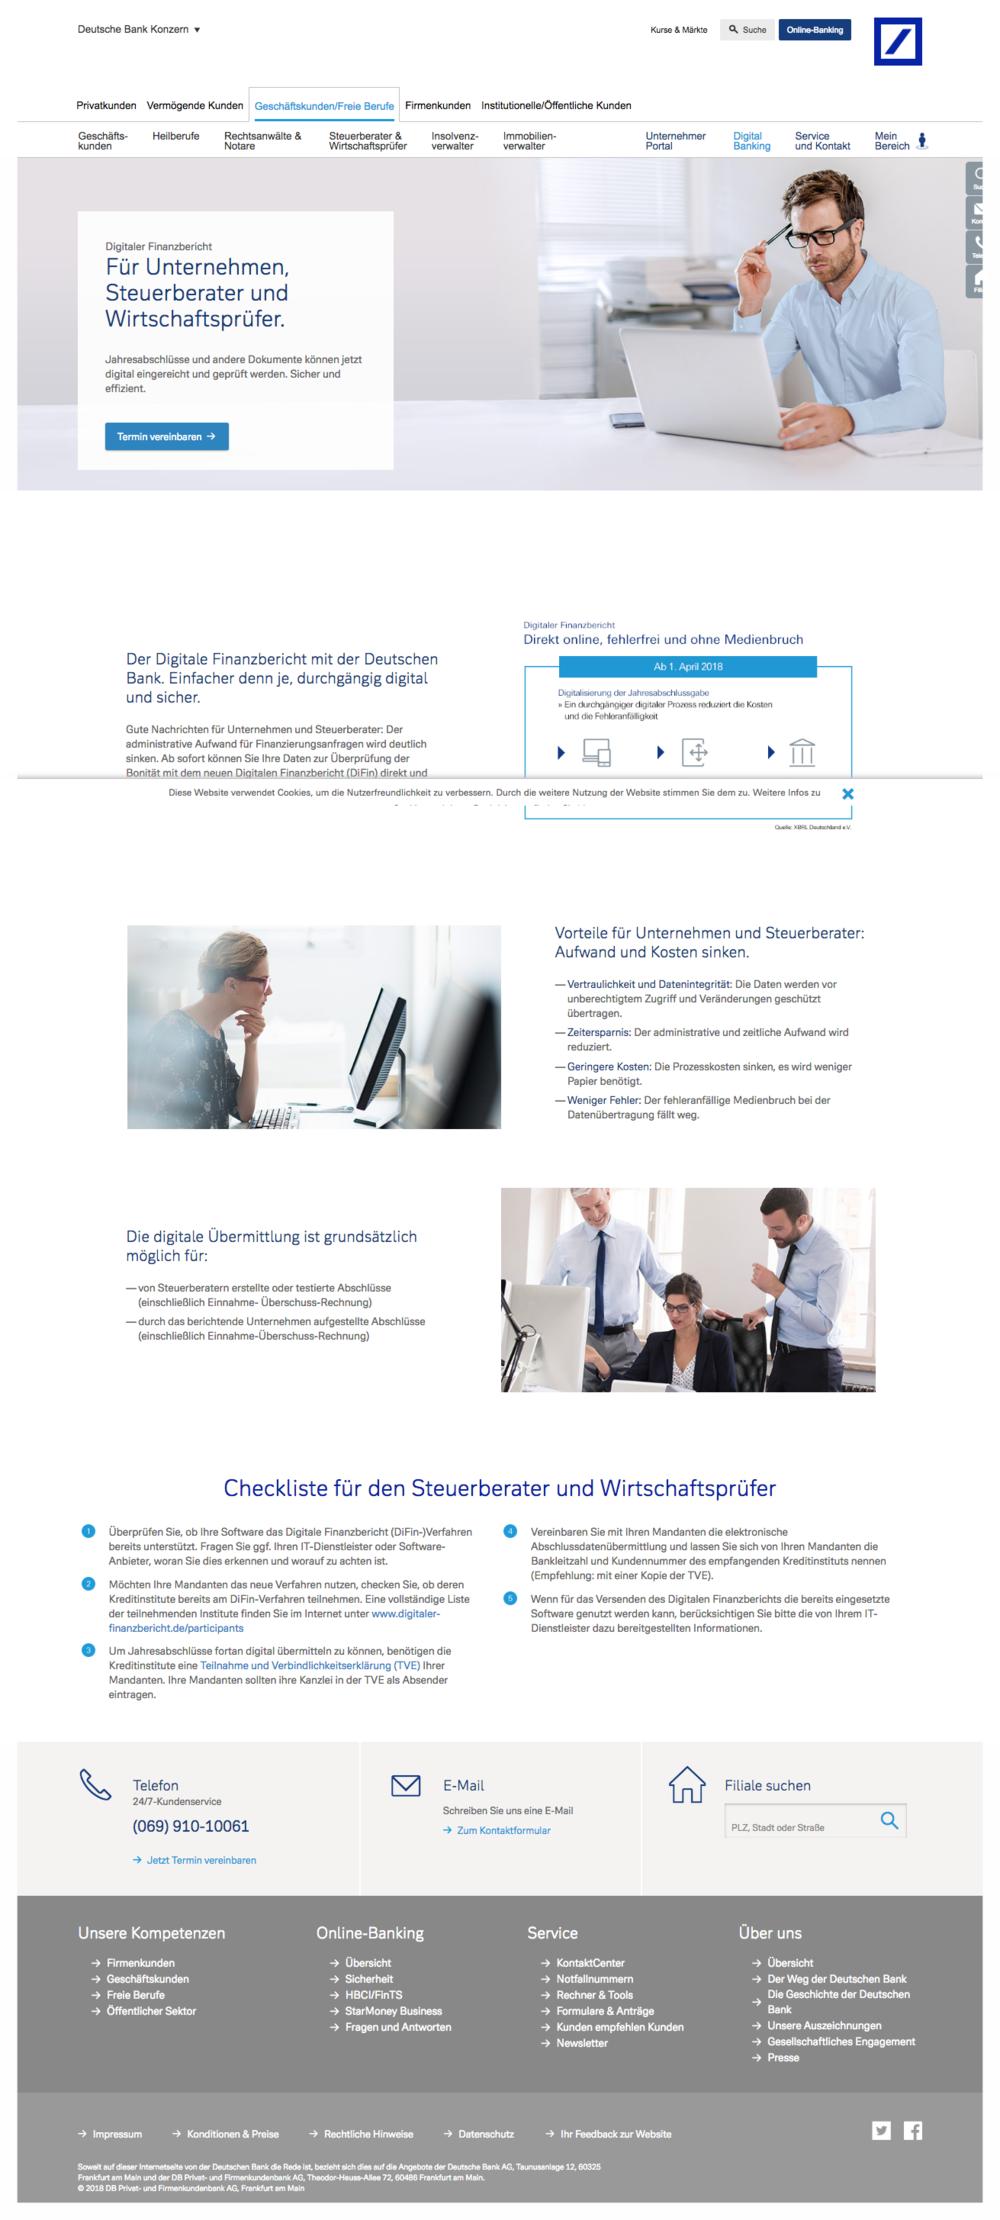 Andreas Richter Texter Landing Page Digitaler Finanzbericht Deutsche Bank.png